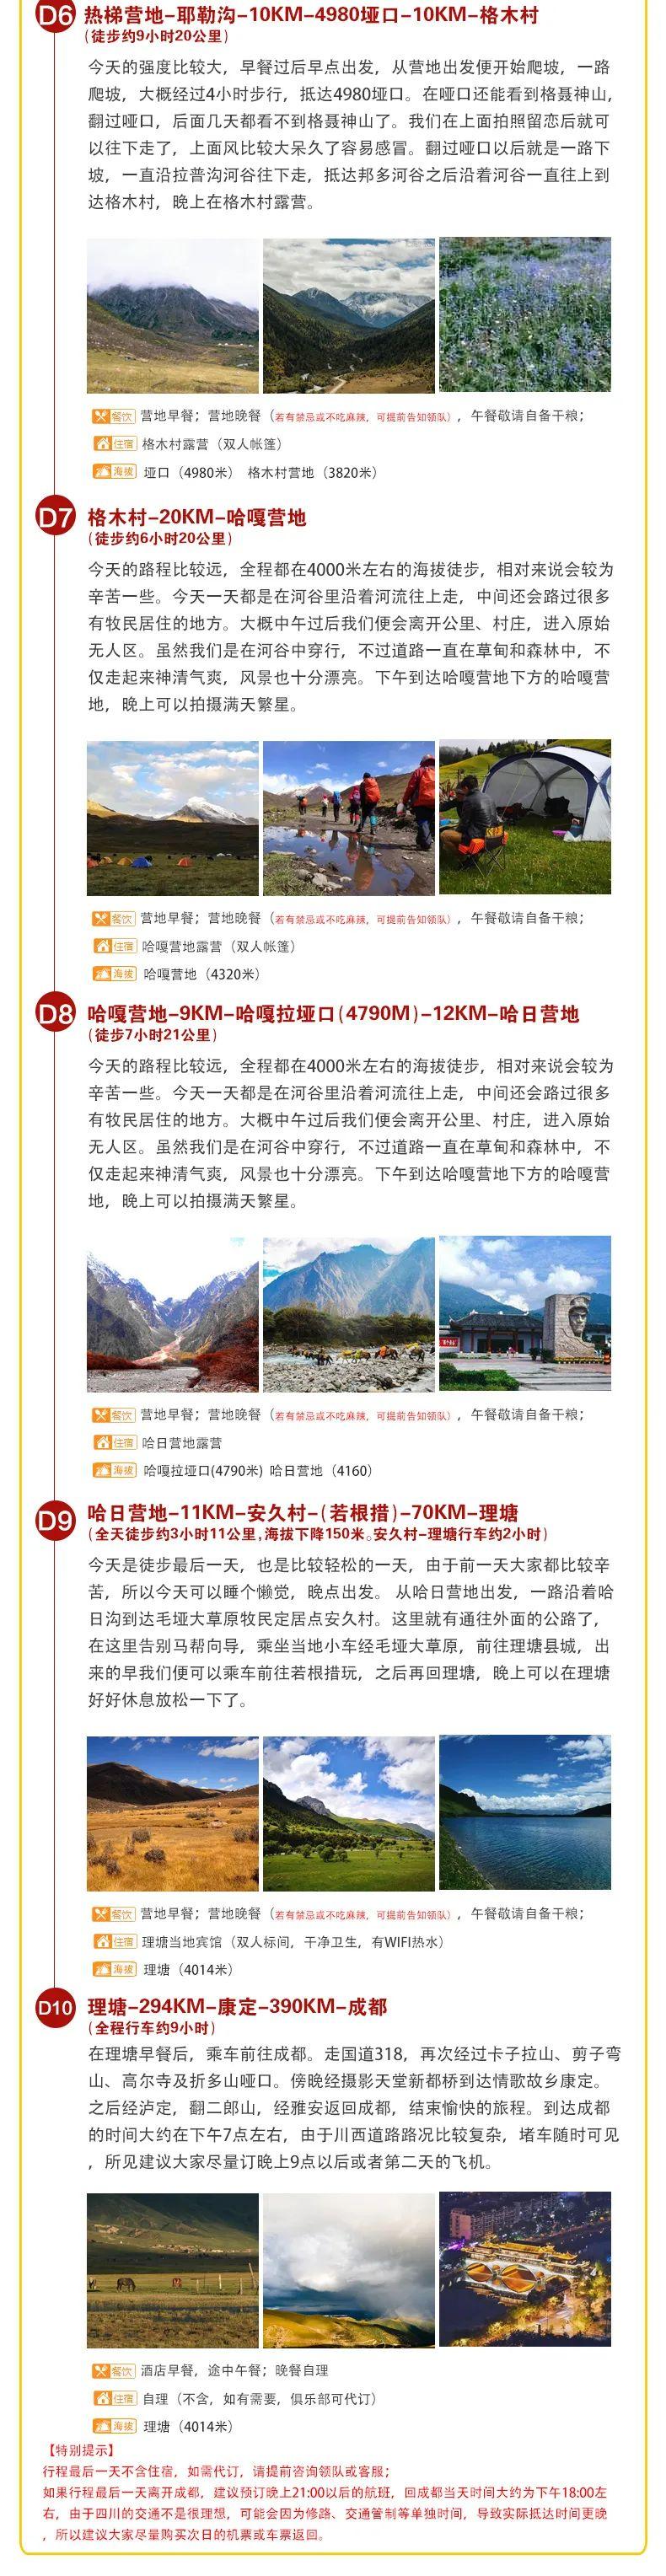 (9)2020【格聂转山】沉睡的雪莲+格聂大环线徒步穿越11日游-户外活动图-驼铃网